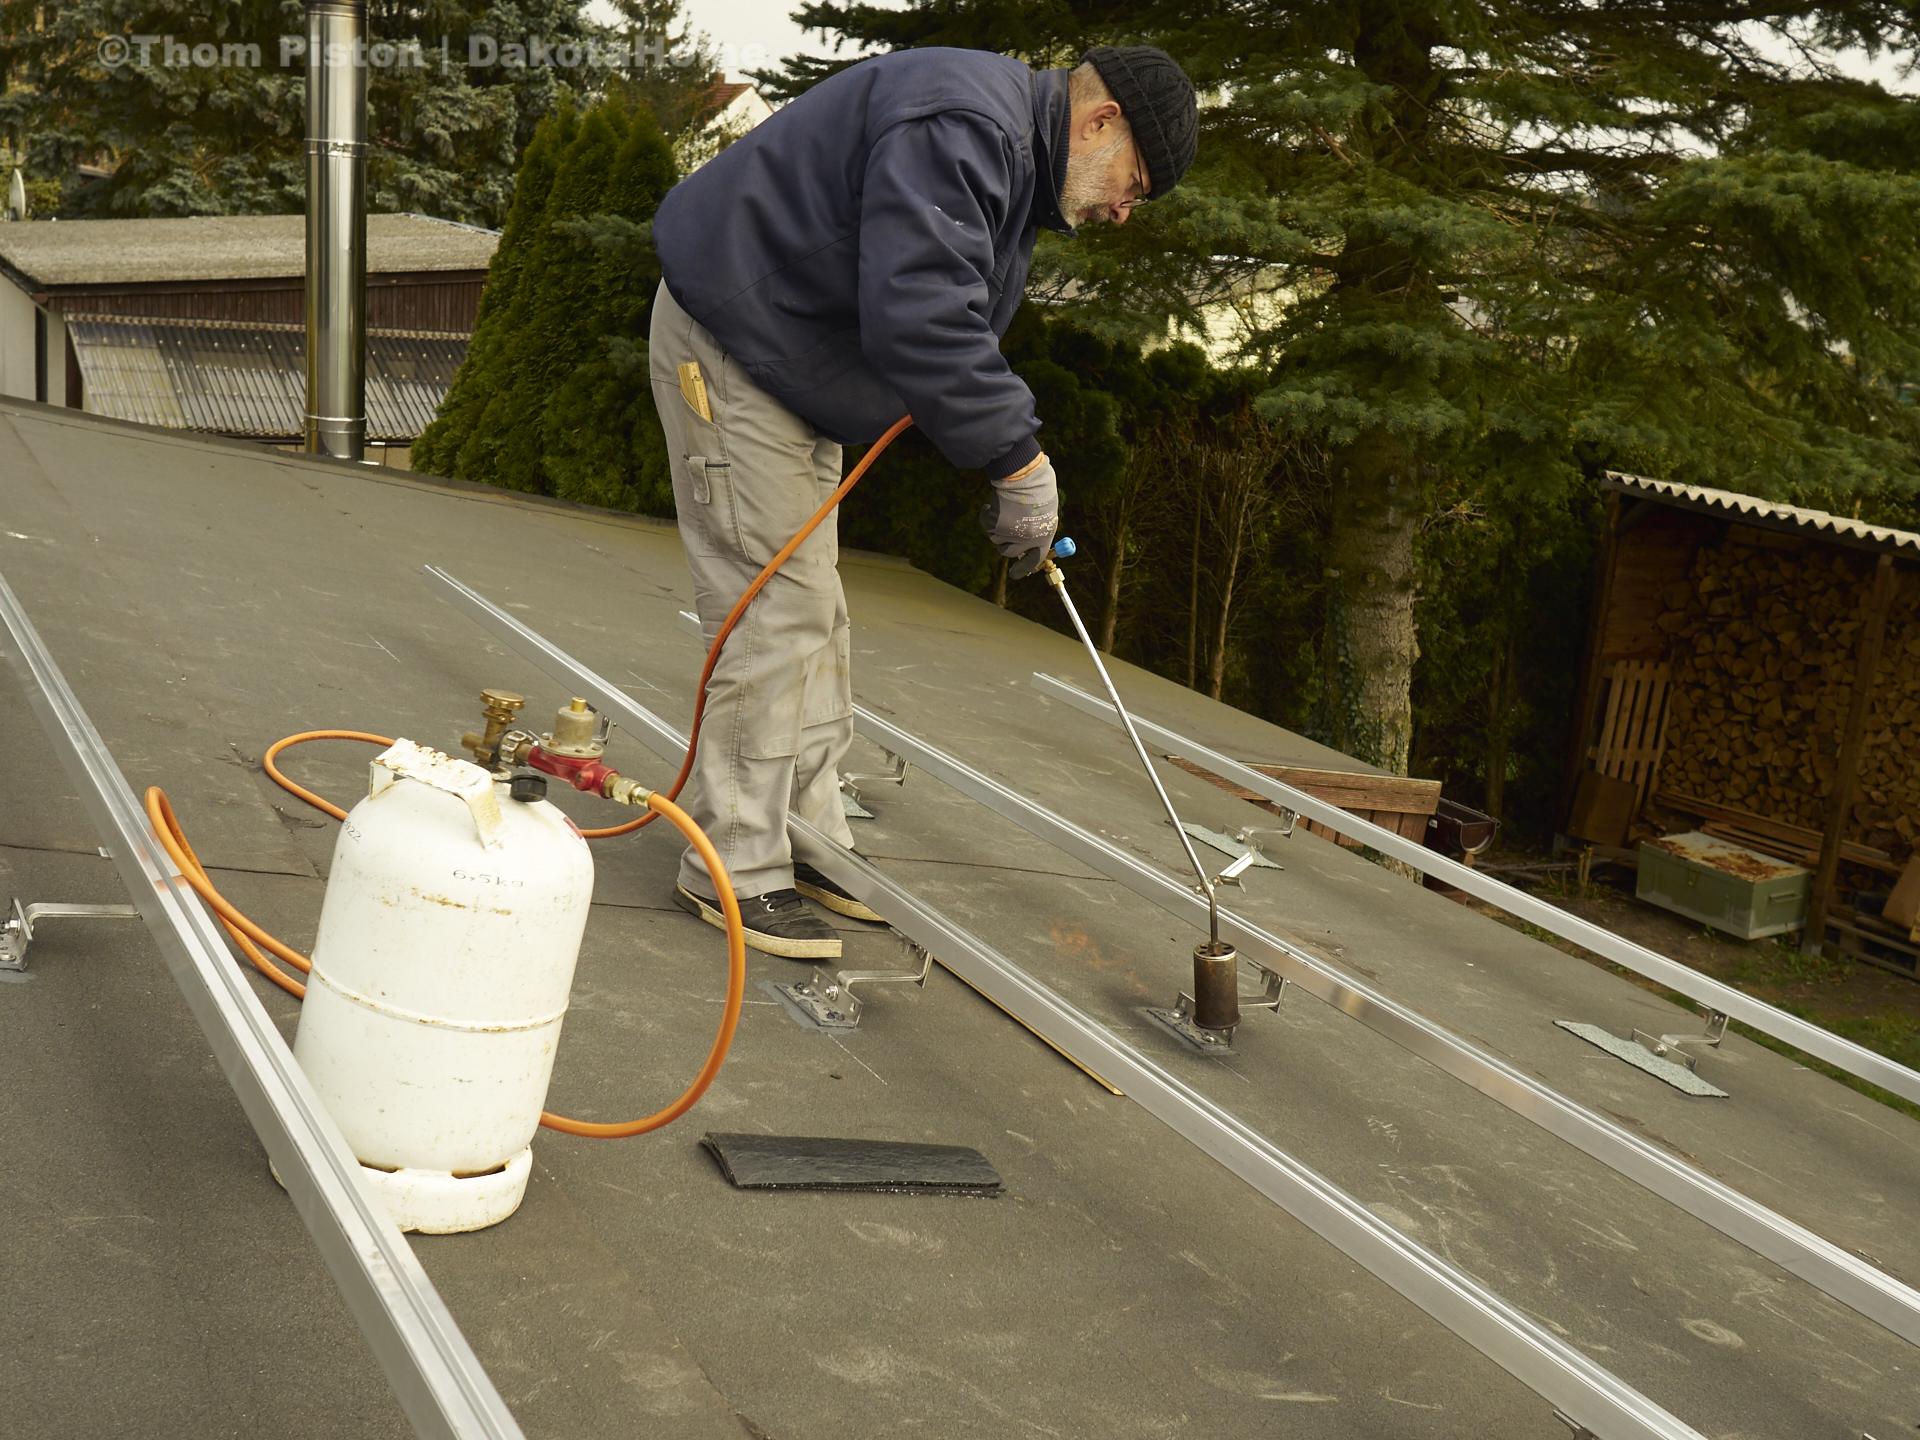 Photovoltaic anlage dakota home - alles wurde abgedichtet nach dem anschrauben